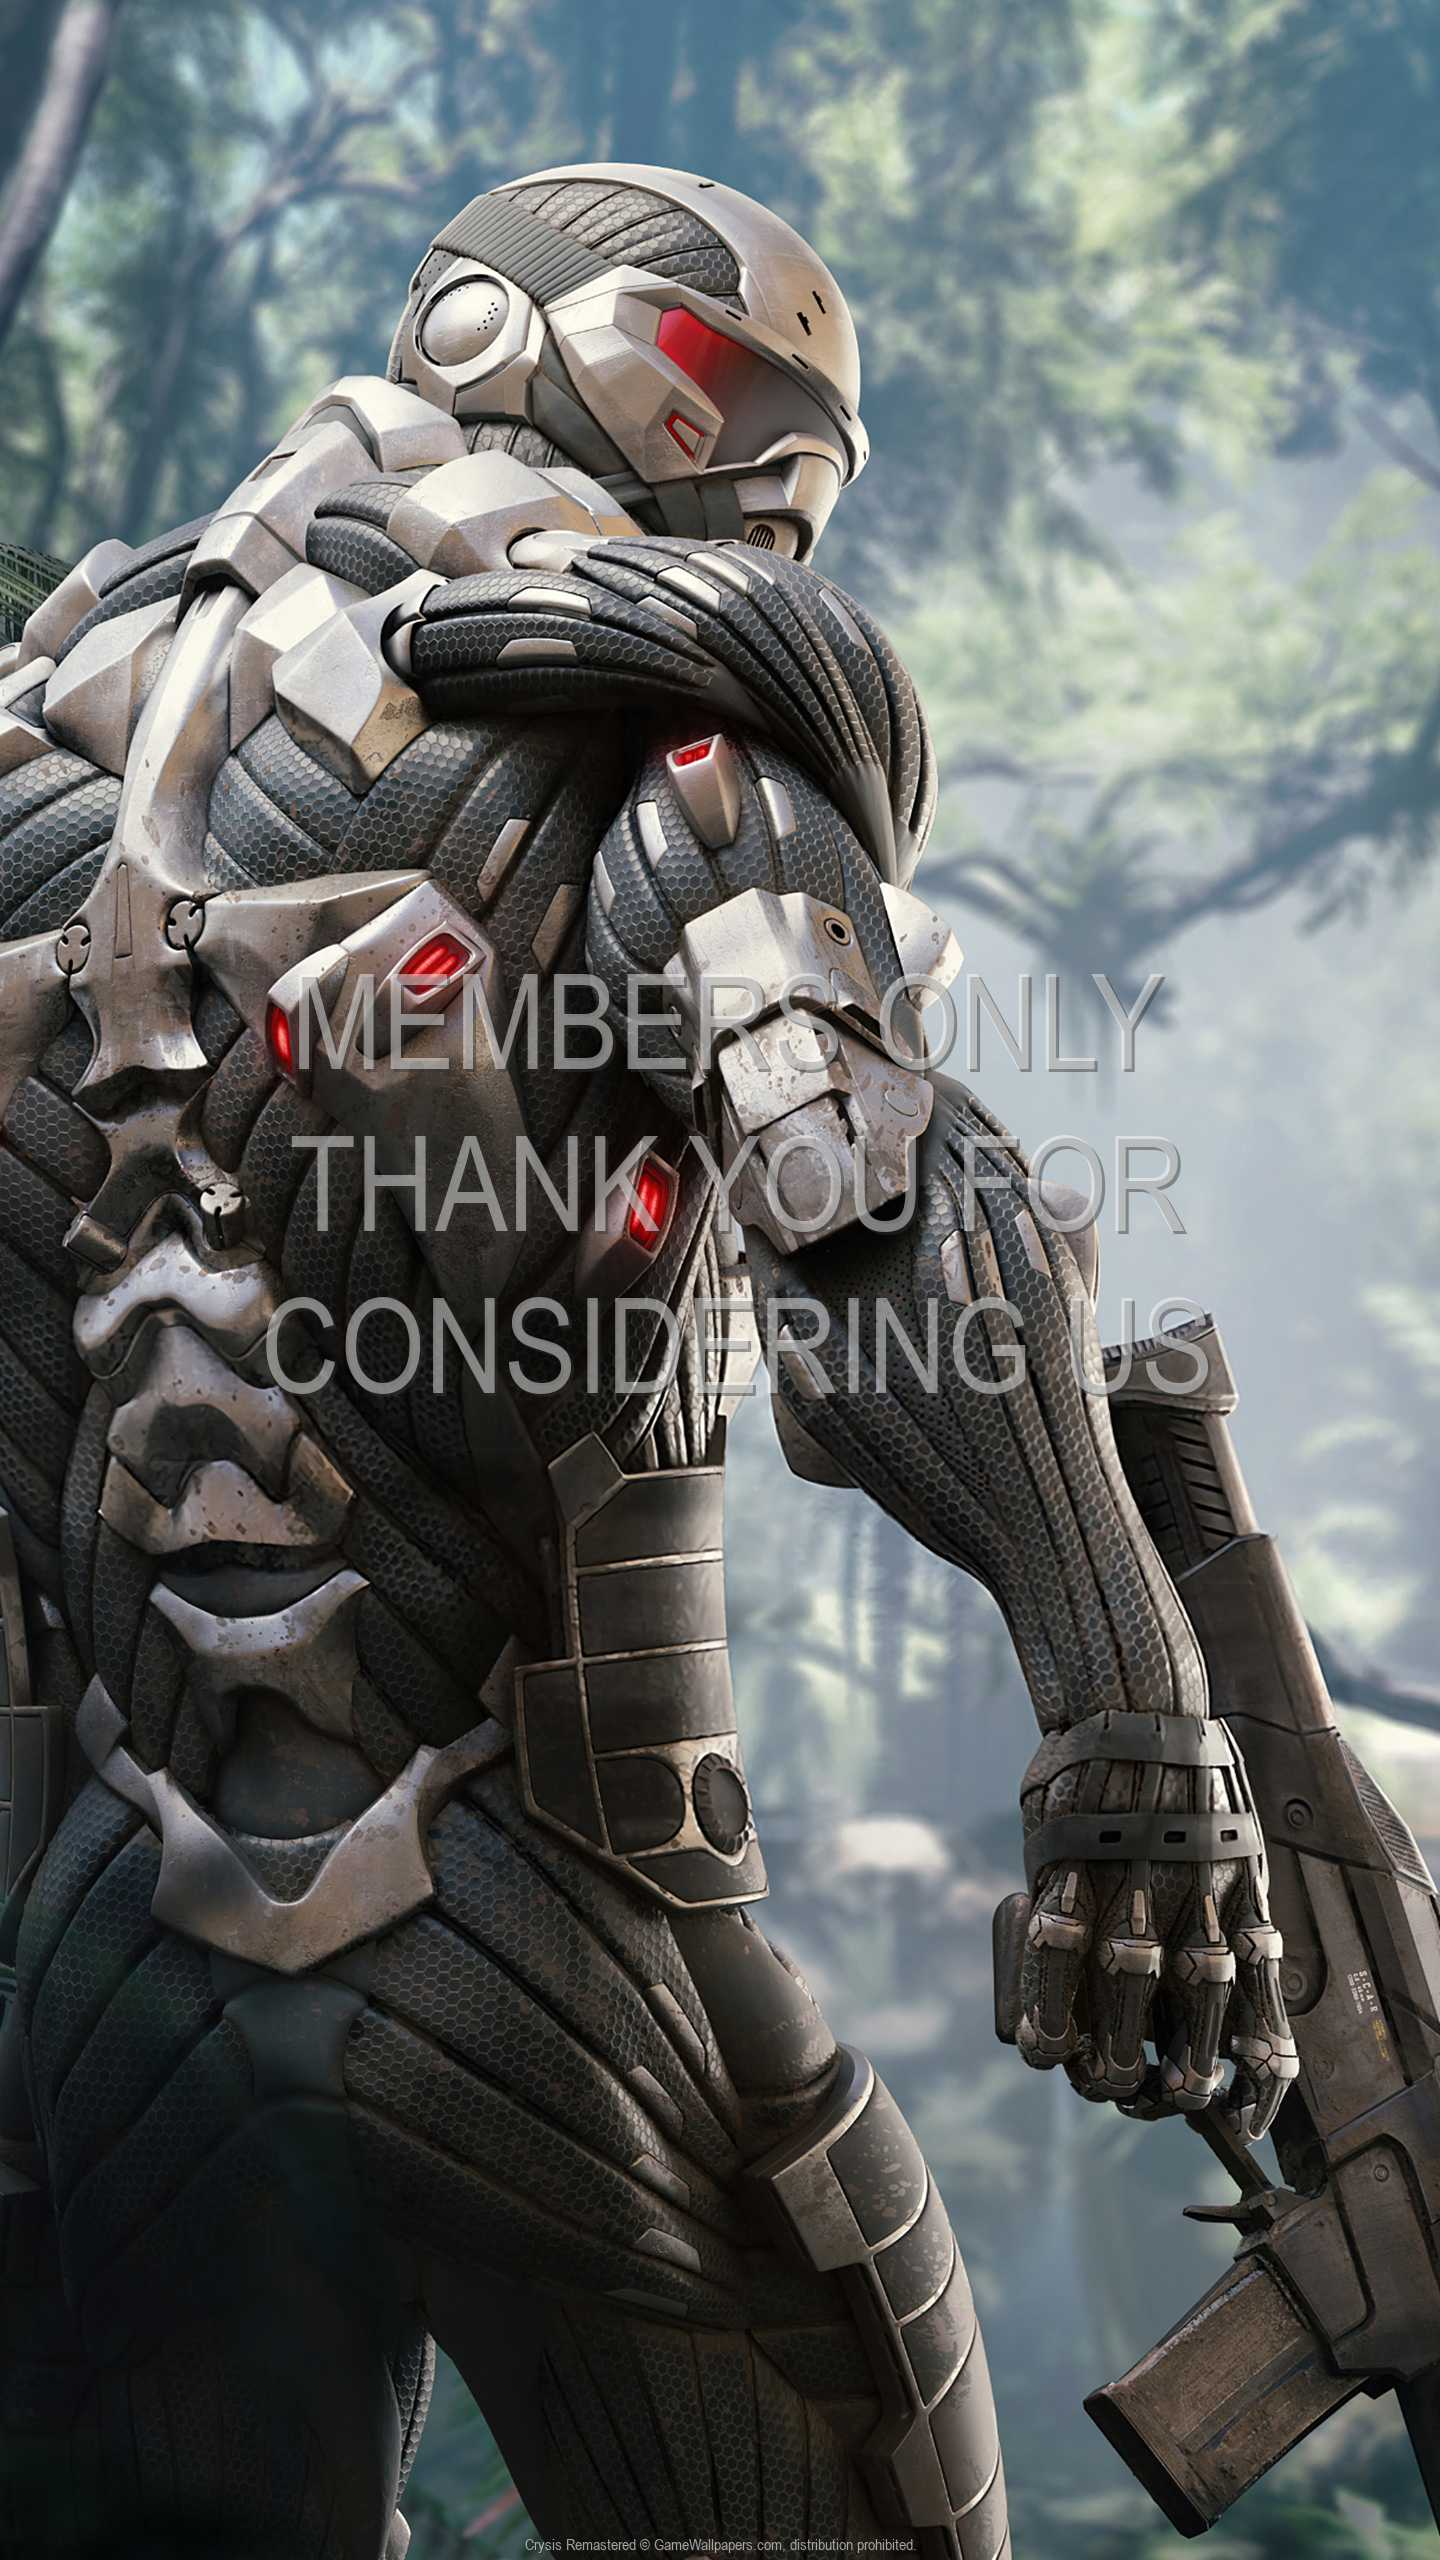 Crysis: Remastered 1440p Vertical Móvil fondo de escritorio 01